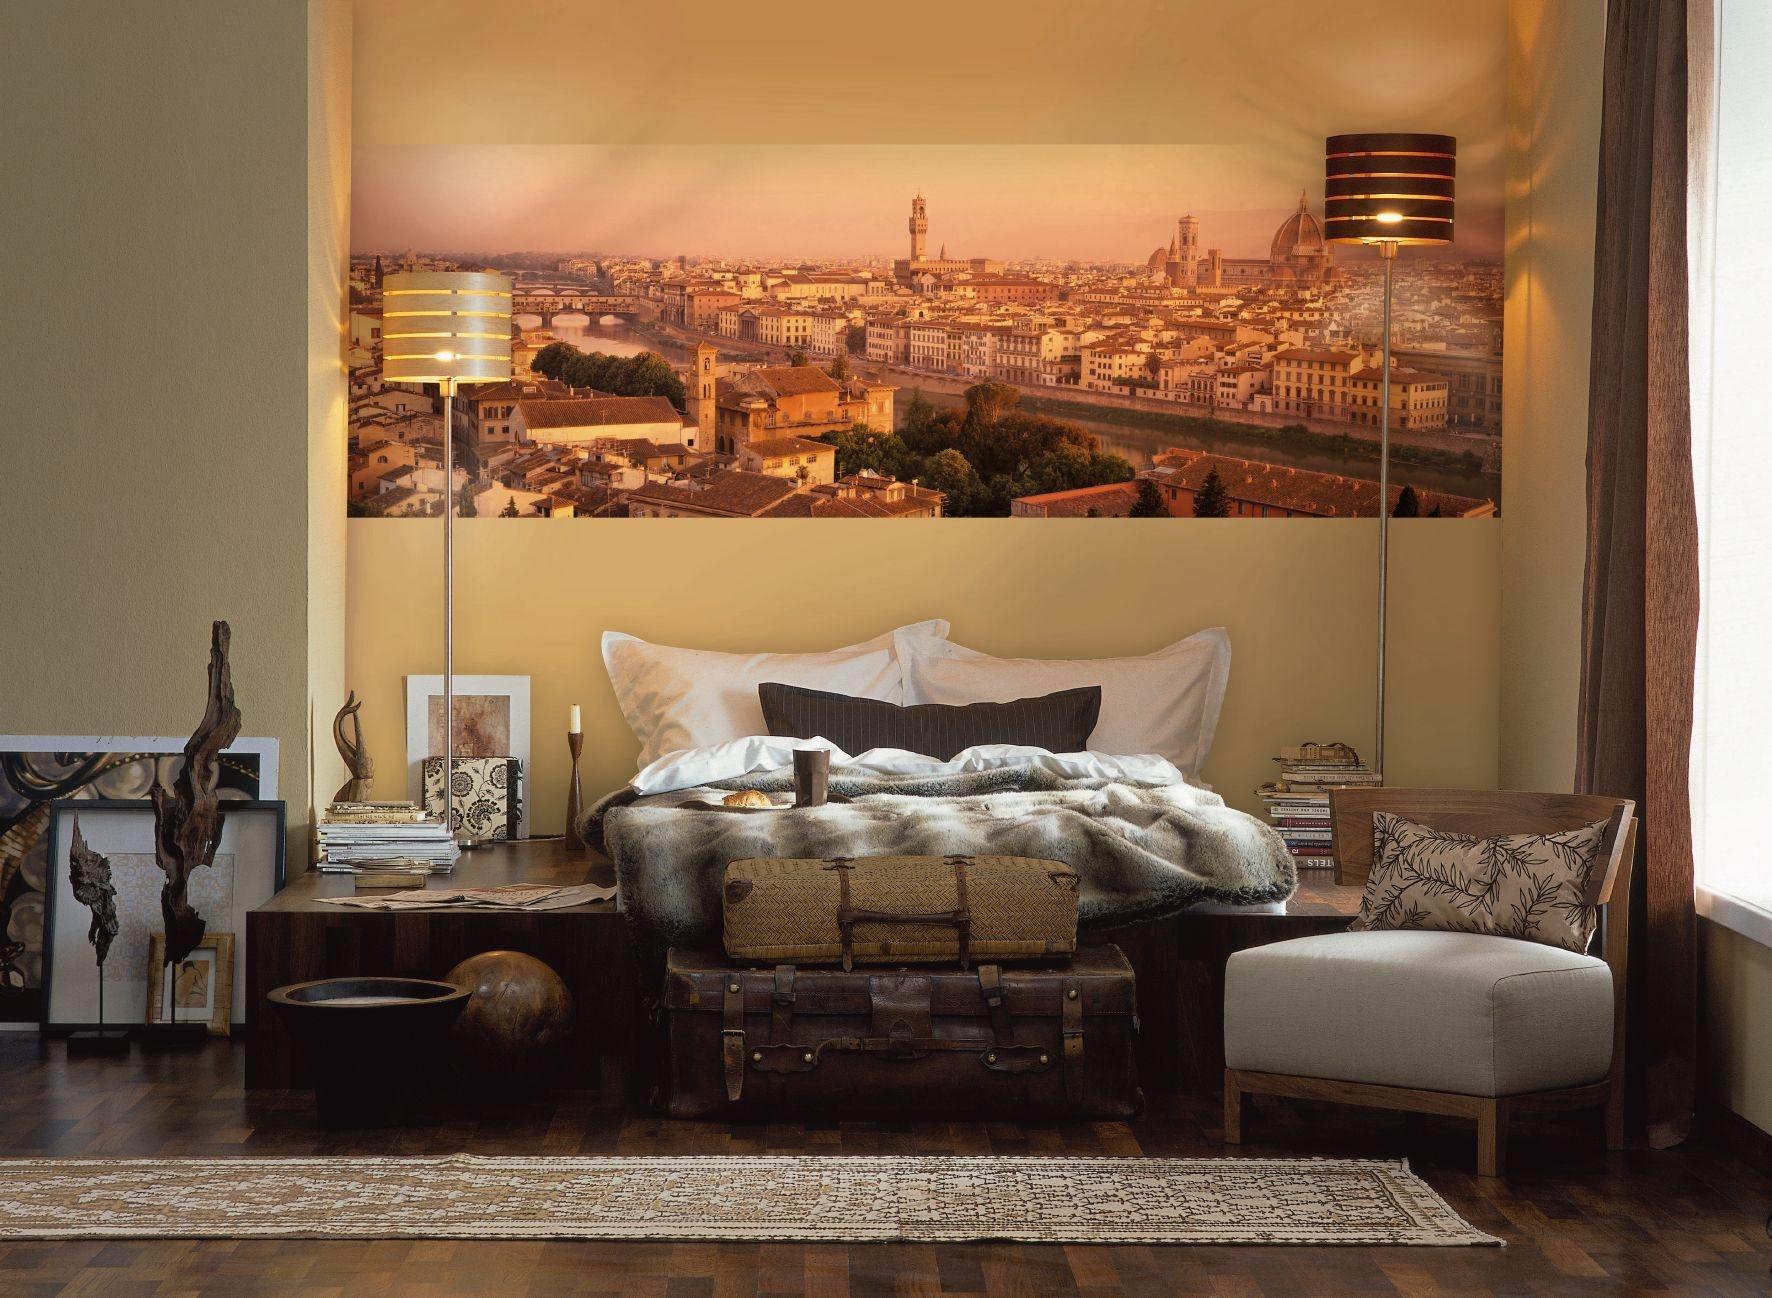 судне обои город на стену в интерьере фото с другими обоями для террас, деревянные